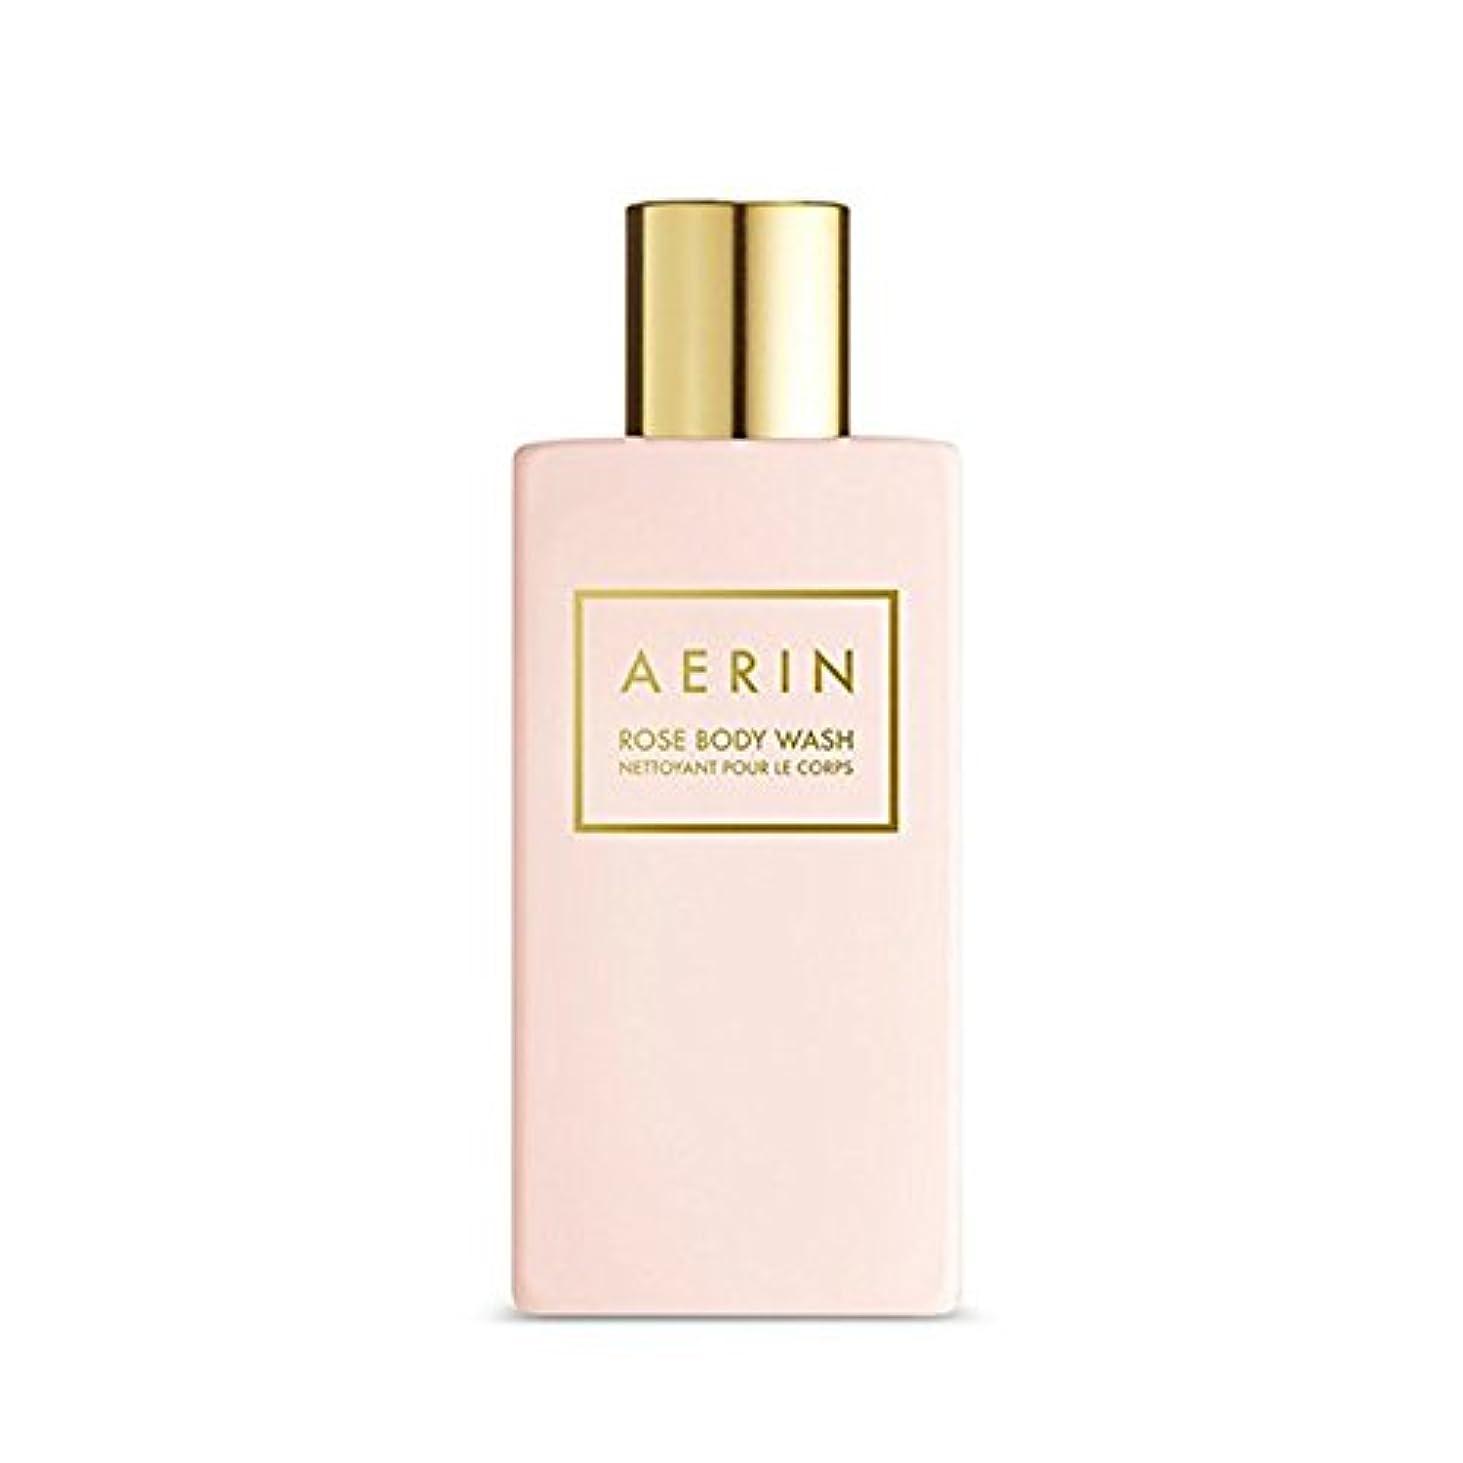 保証する道を作る攻撃AERIN Rose Body Wash(アエリン ローズ ボディー ウオッシュ) 7.6 oz (225ml) by Estee Lauder